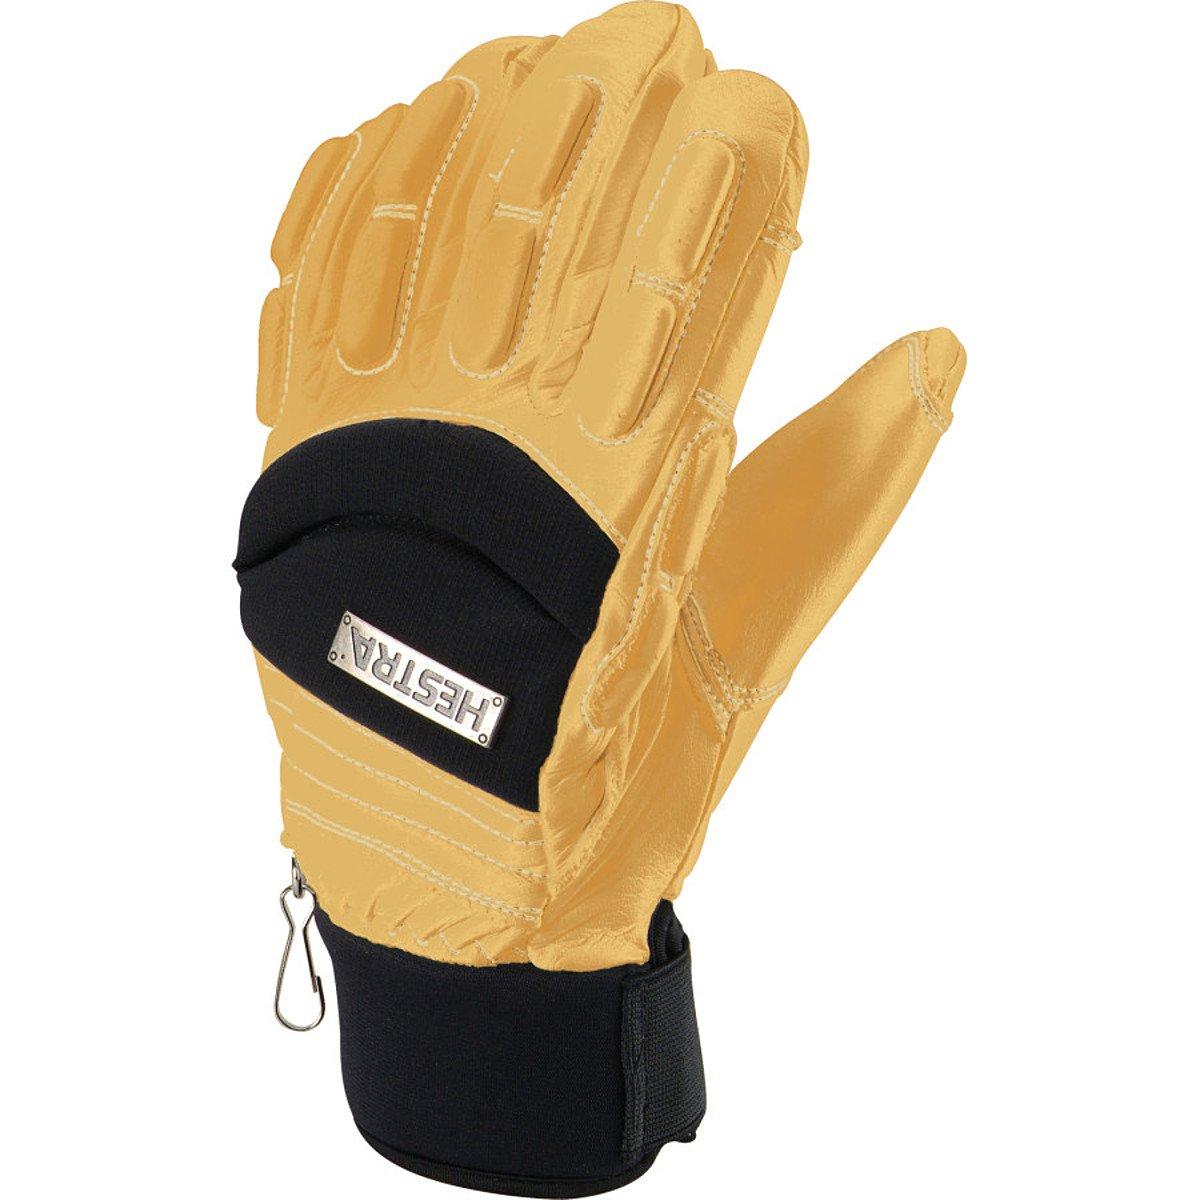 Hestra Vertical Cut Freeride Glove Natural Brown, 9